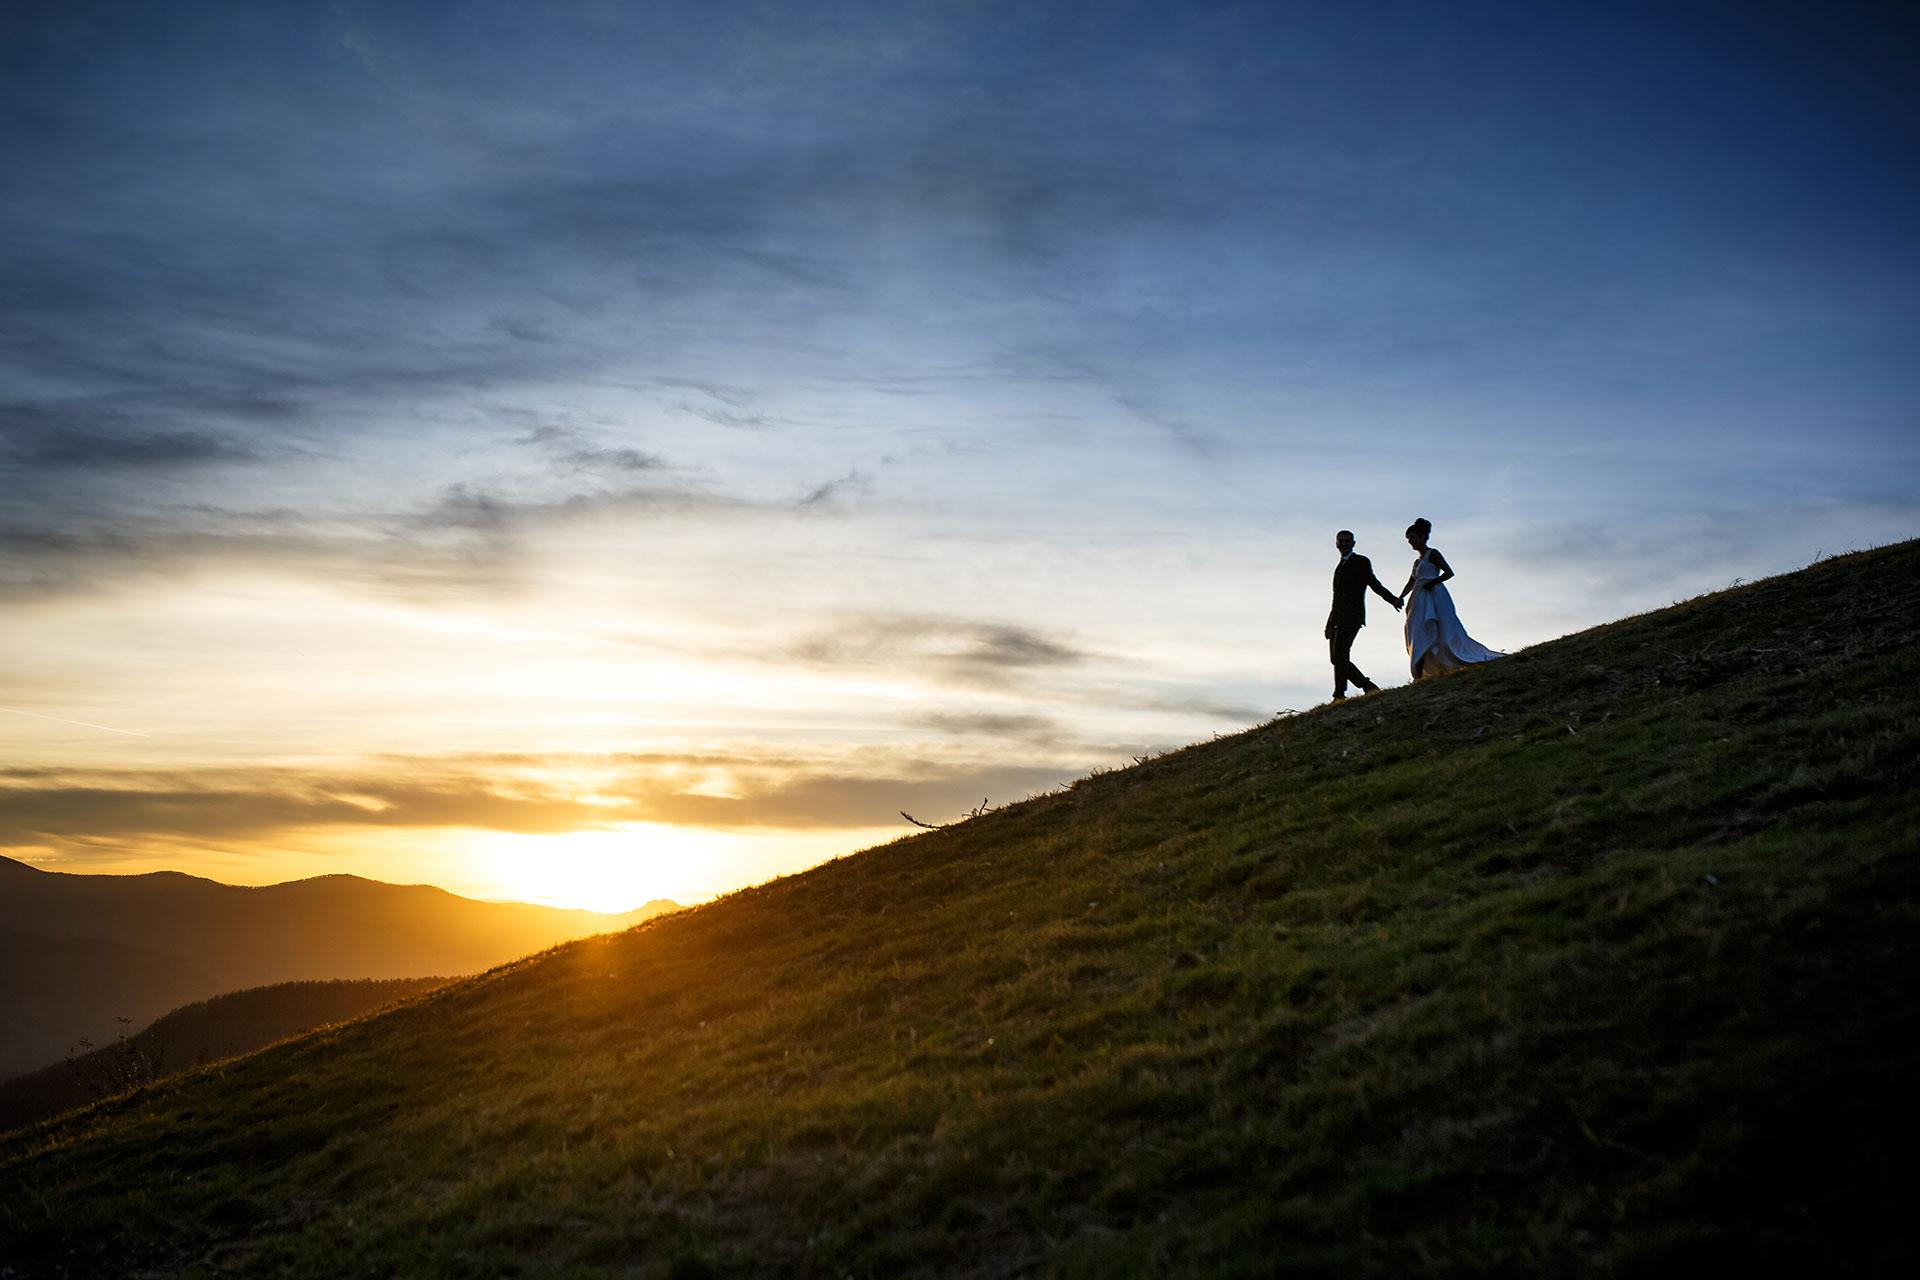 atardecer y una pareja bajando una ladera